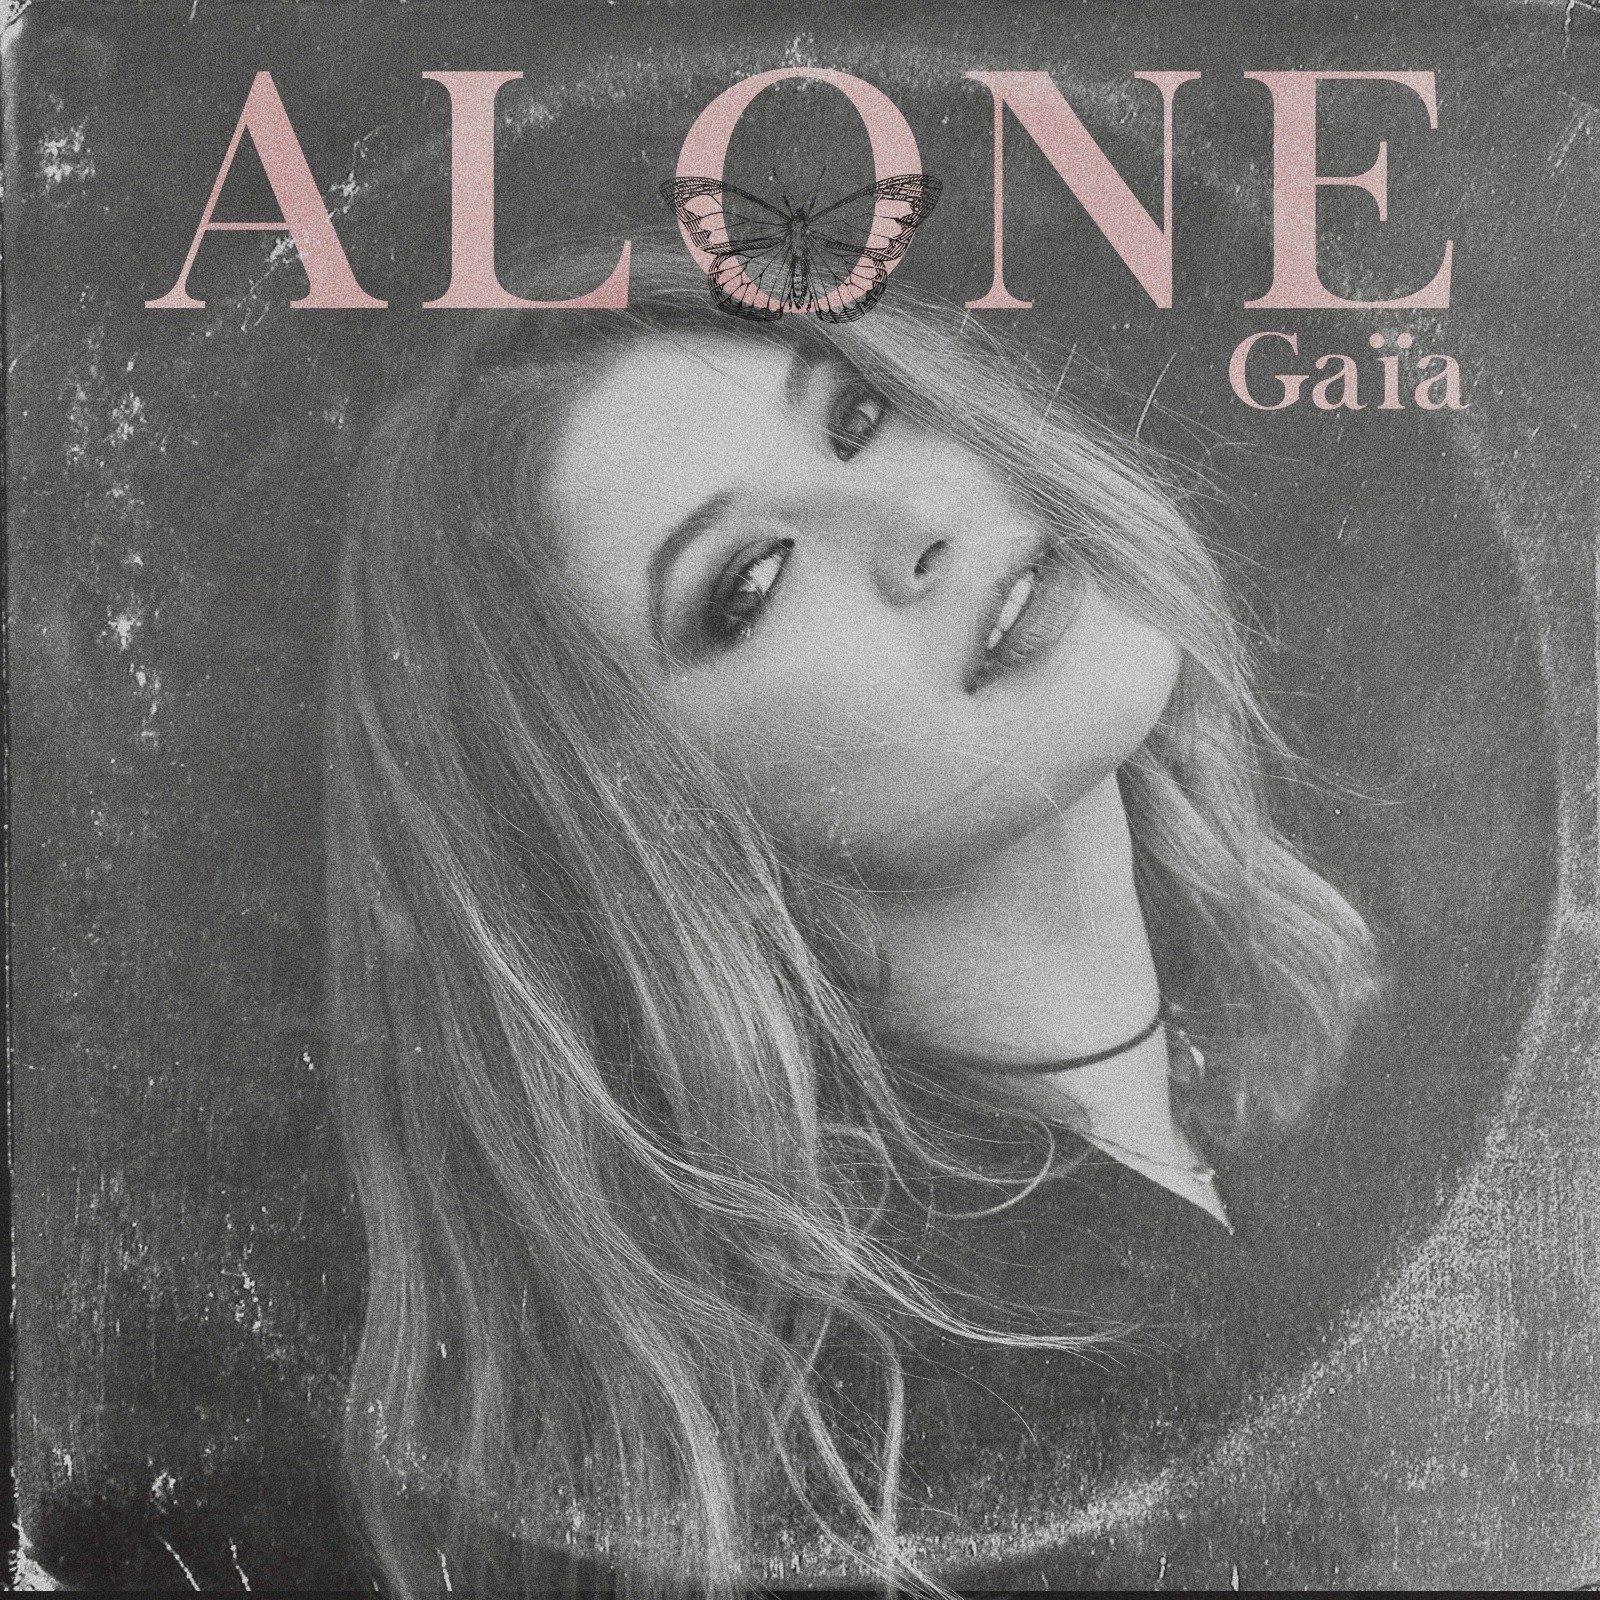 Gaïa lanzó su nuevo sencillo